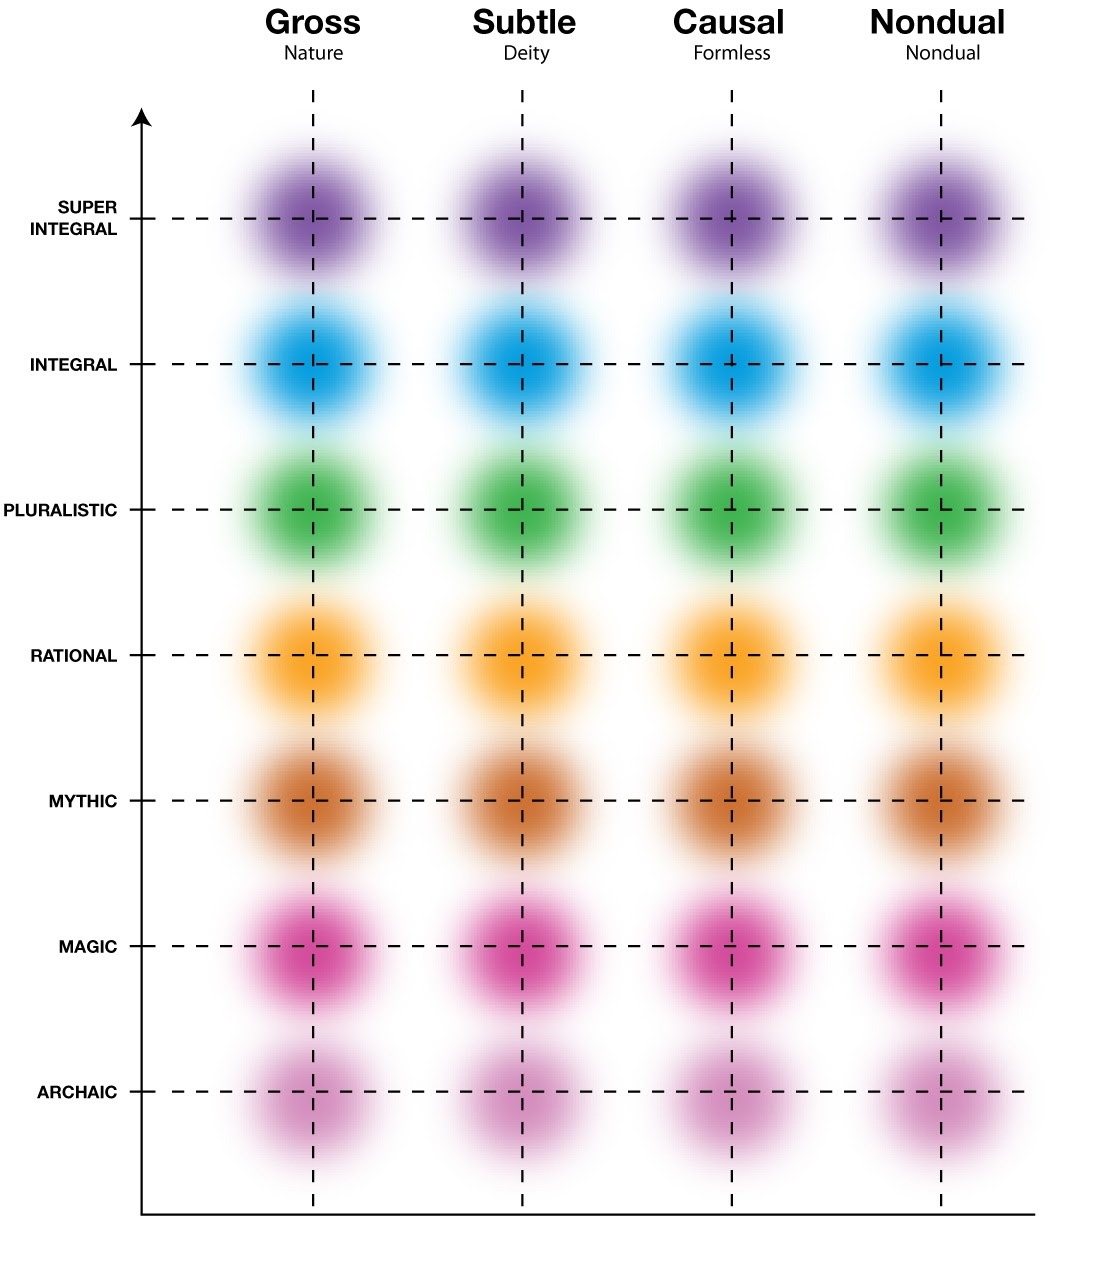 wilber combs lattice 6++4.jpg